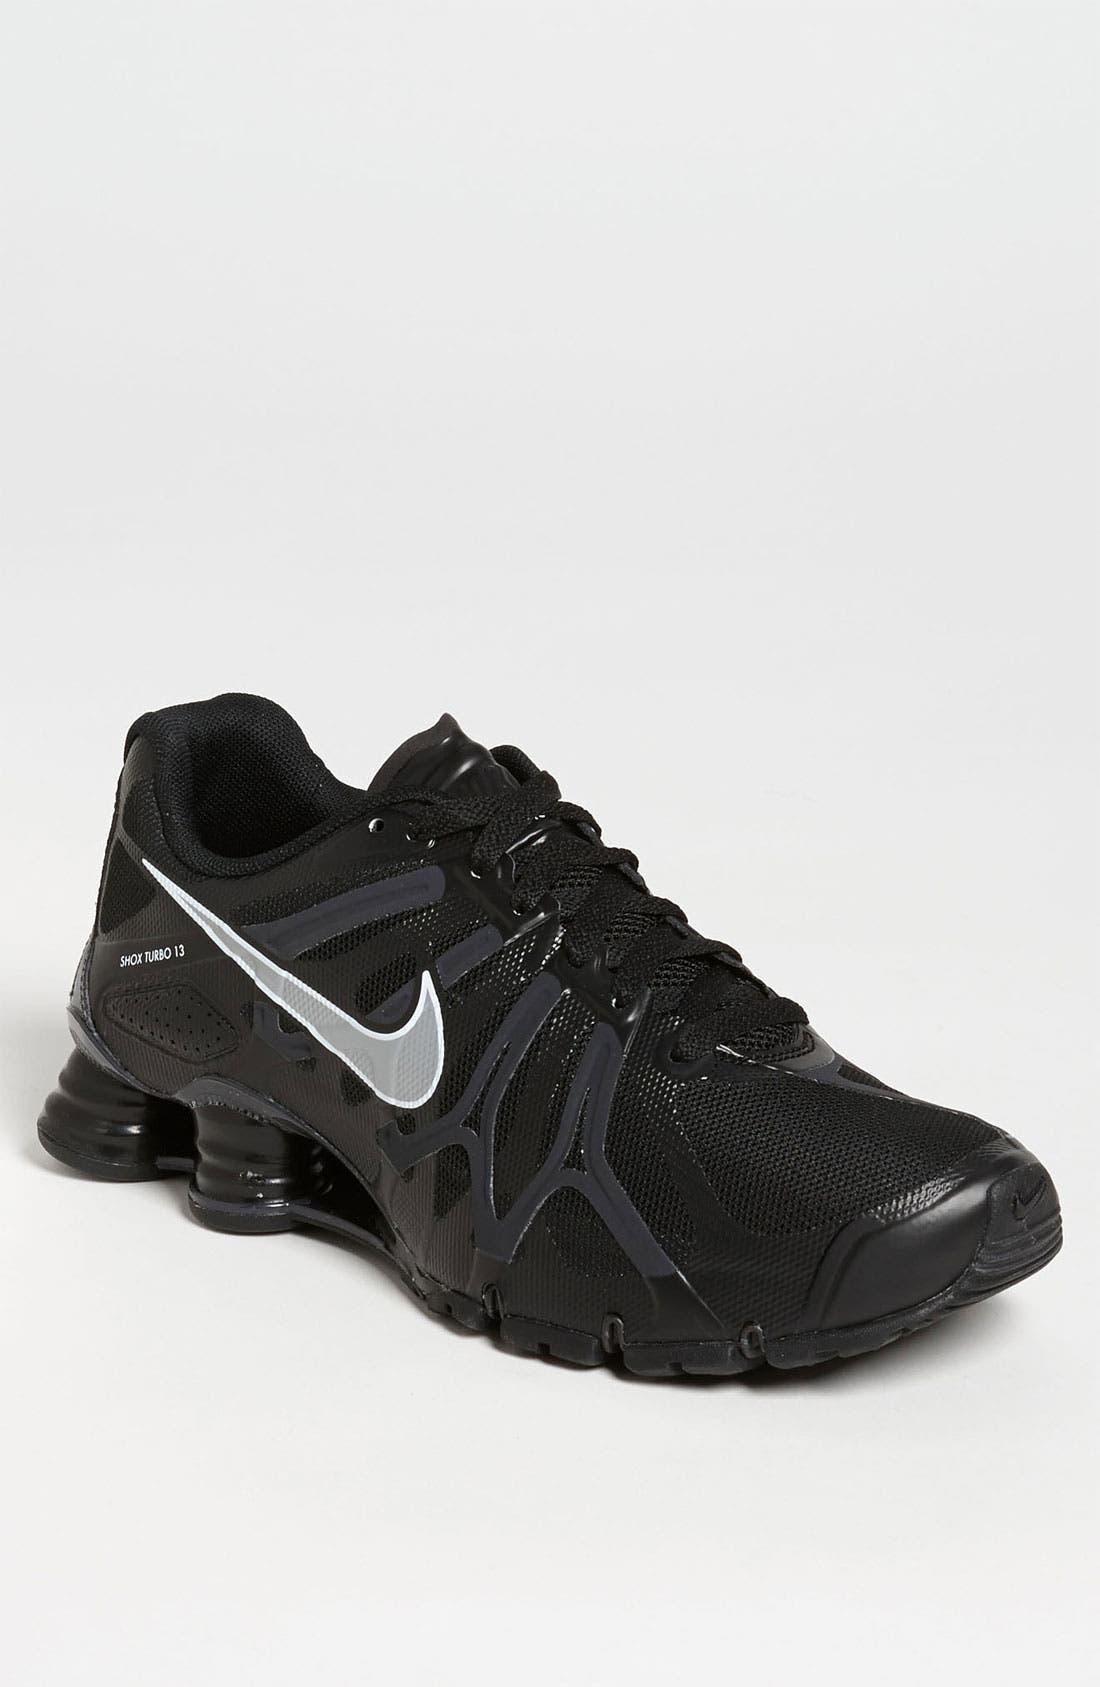 Main Image - Nike 'Shox Turbo+ 13' Running Shoe (Men)